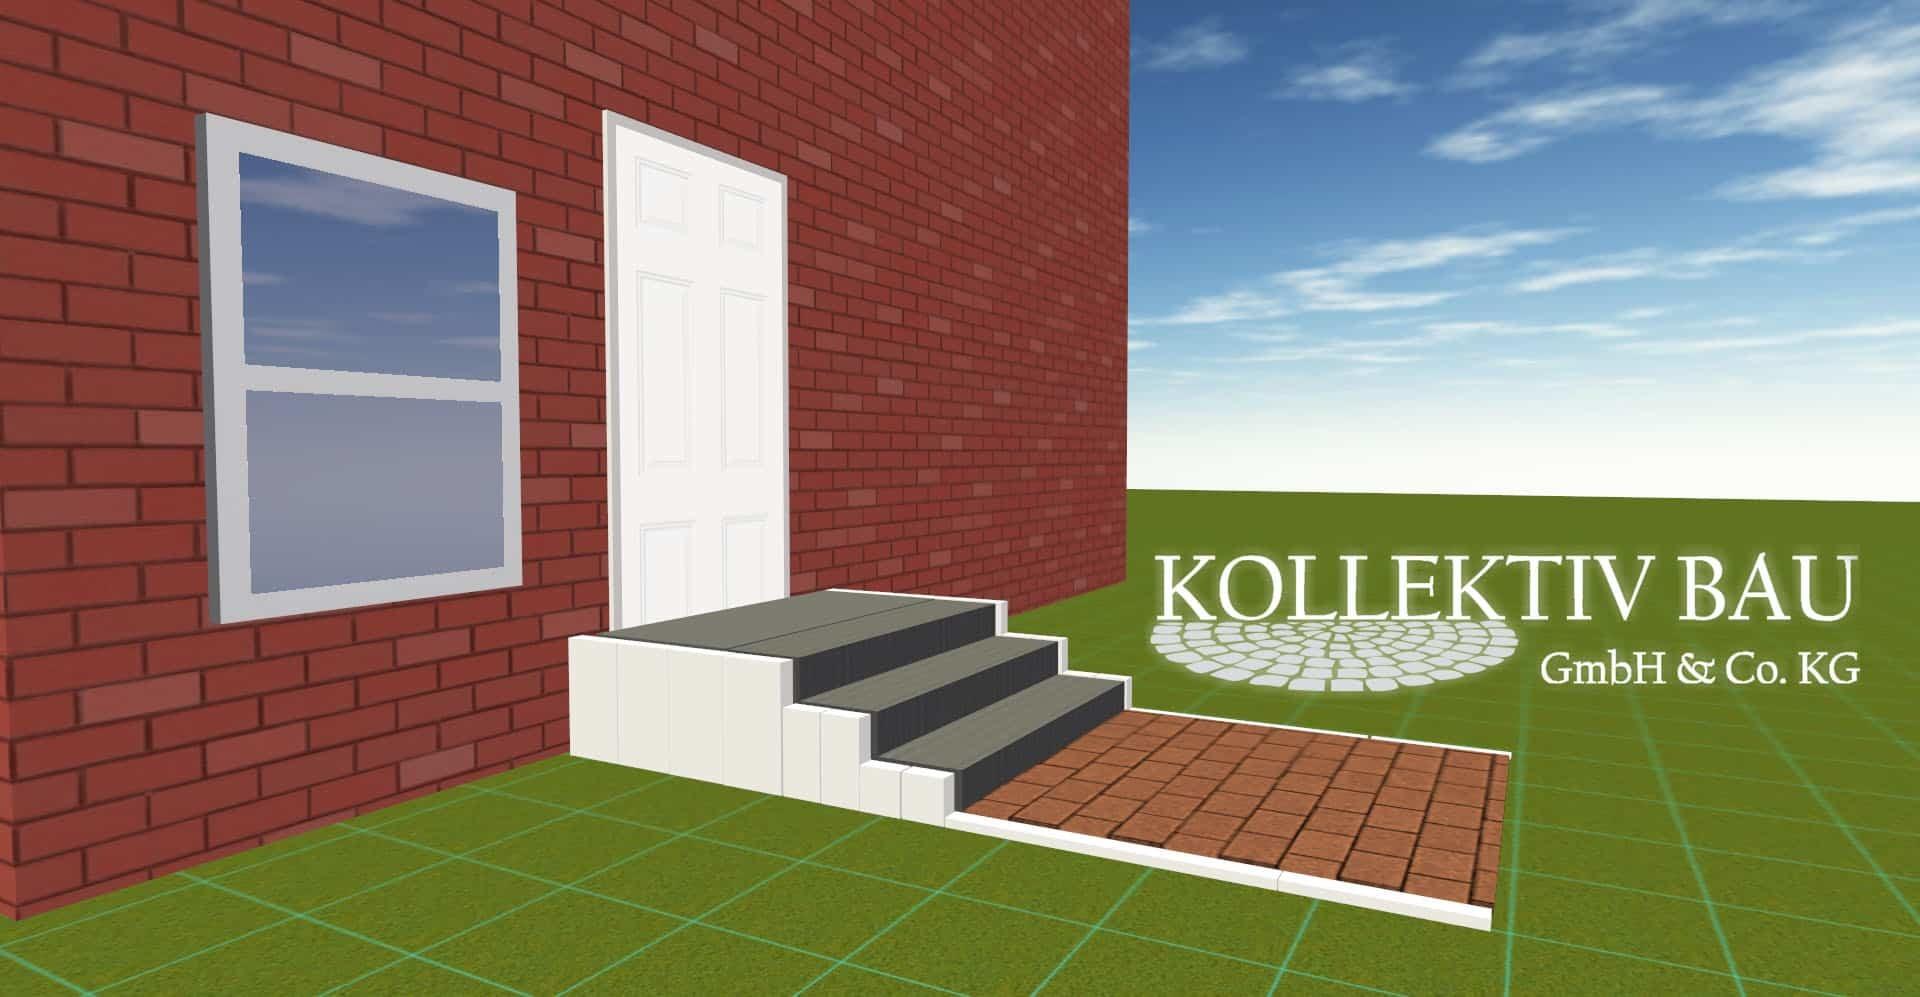 Planentwurf einer Treppe in 3D